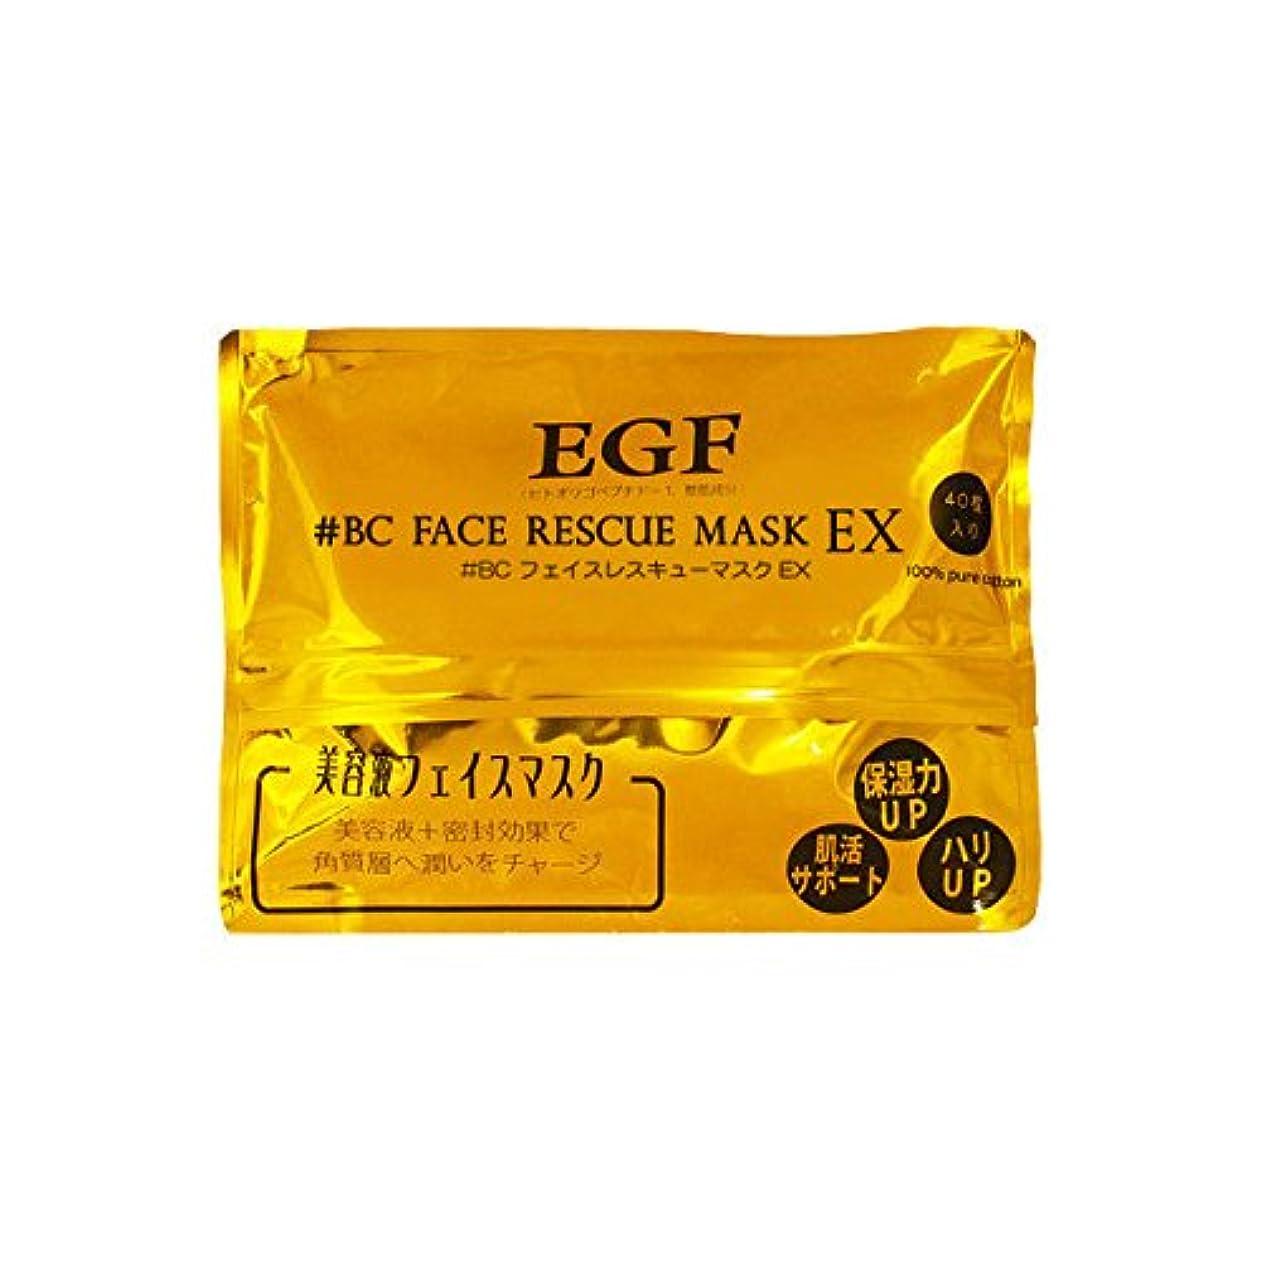 眠っているシリンダー触手EGF フェイスレスキューマスク EX 40枚入り